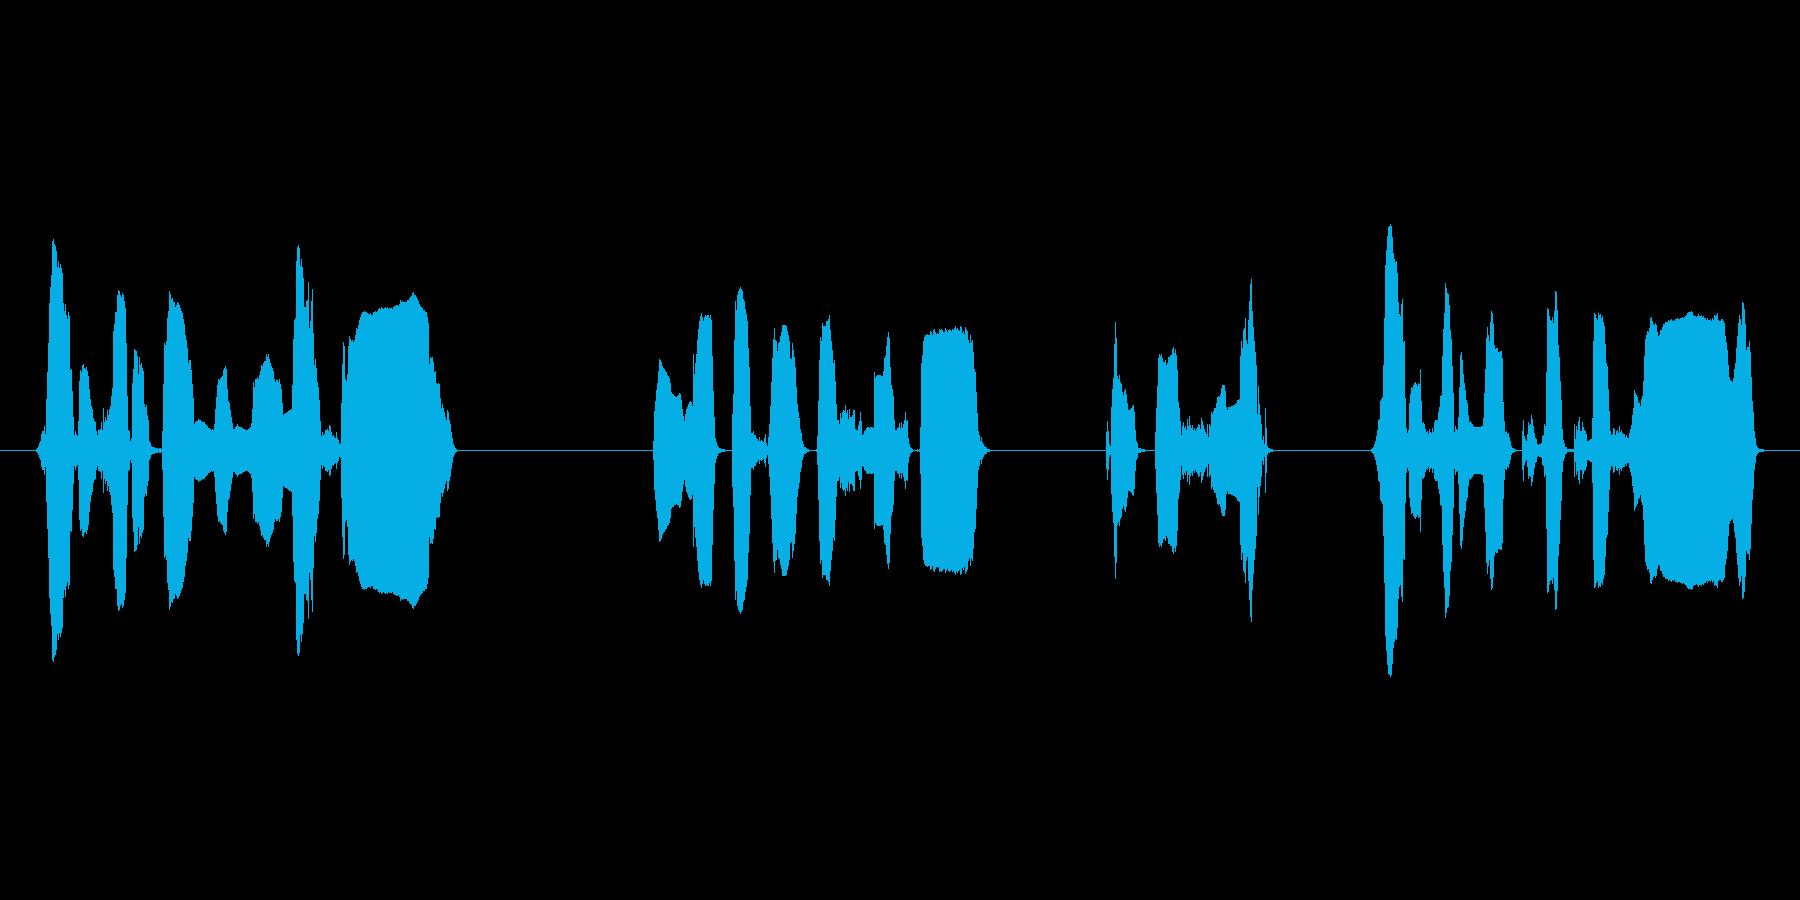 ハロハロ風の店内告知アナウンスですの再生済みの波形